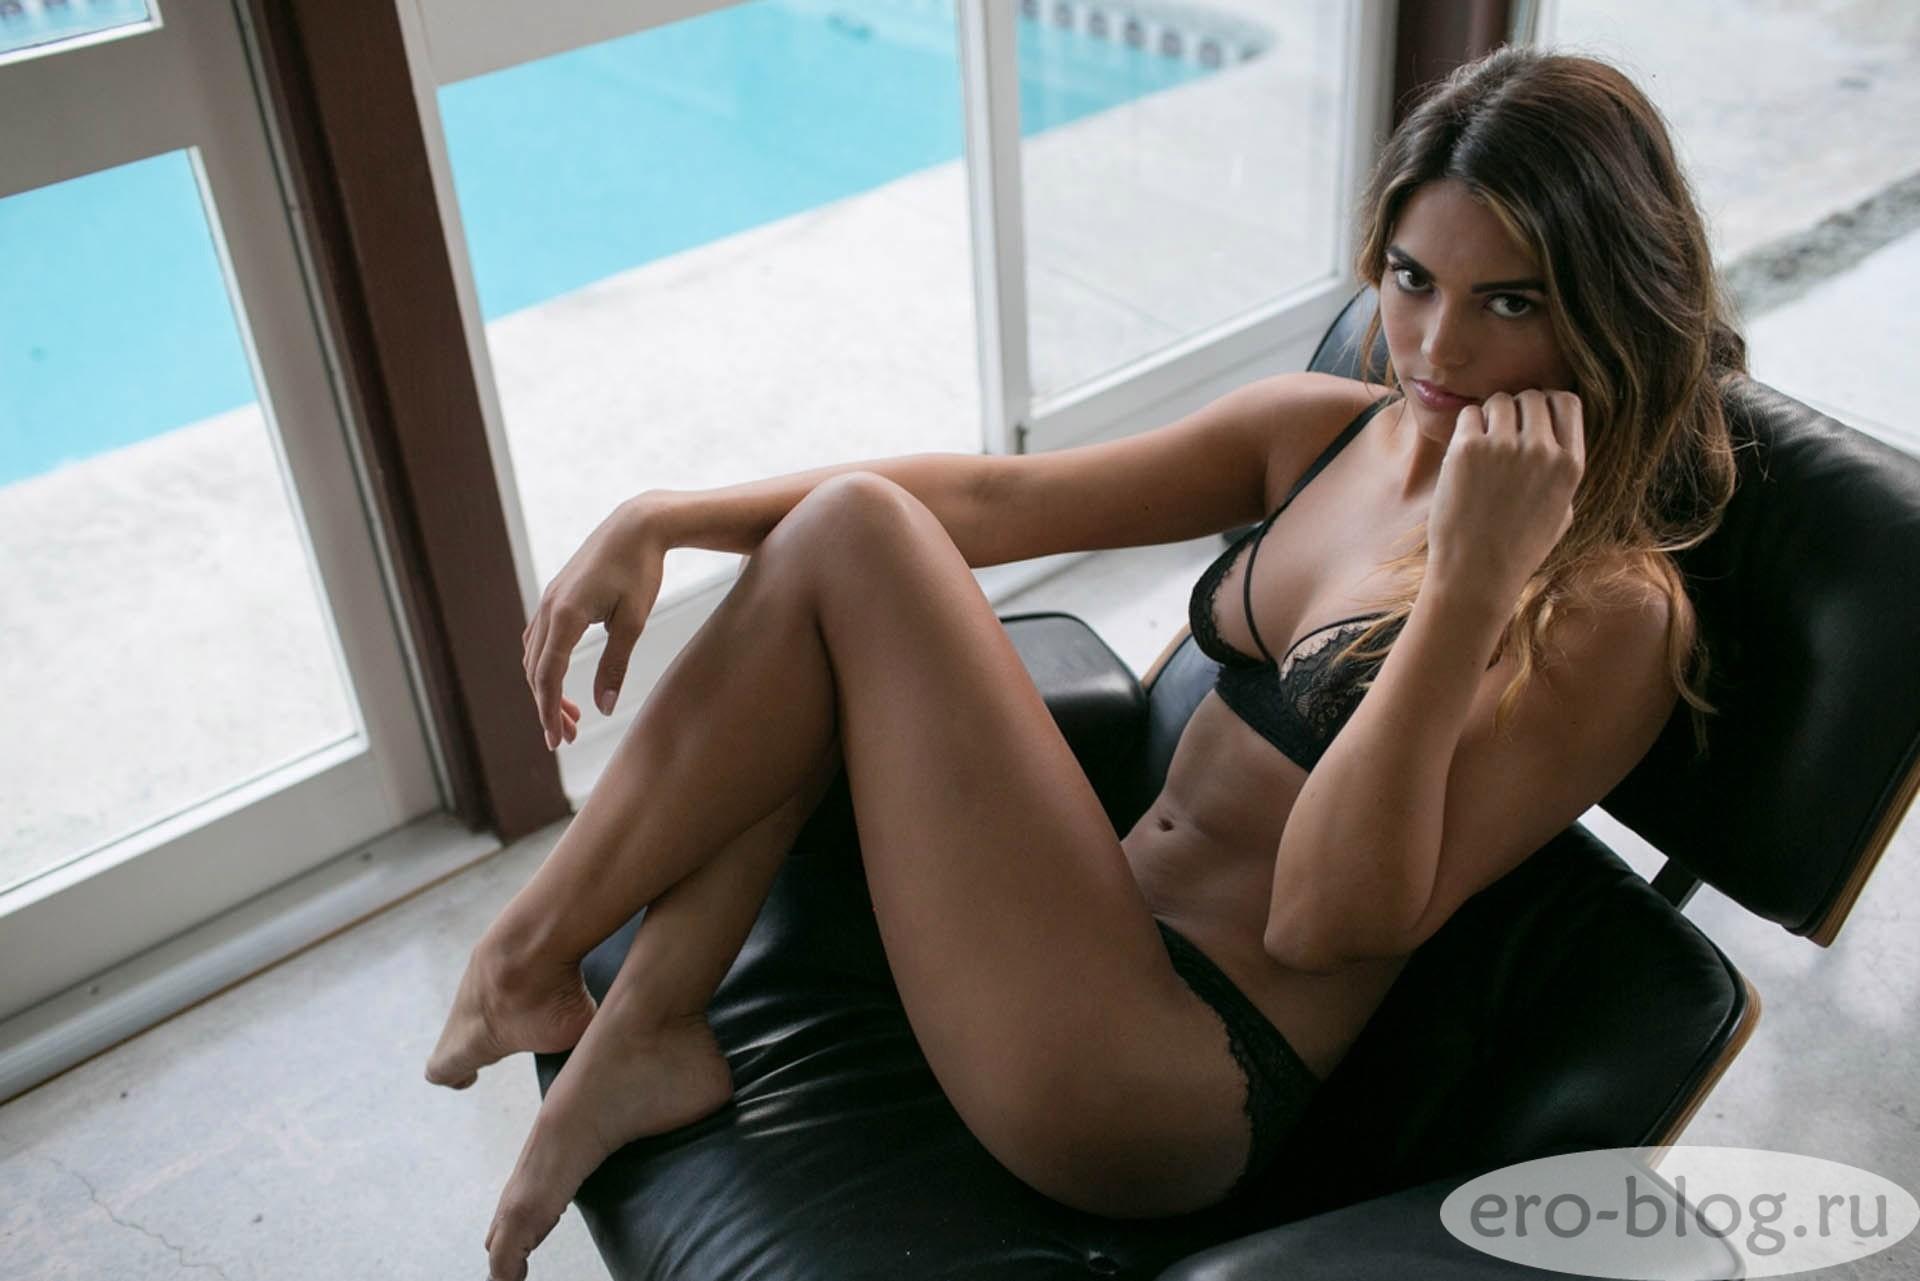 Голая обнаженная Kyra Santoro | Кира Санторо интимные фото звезды